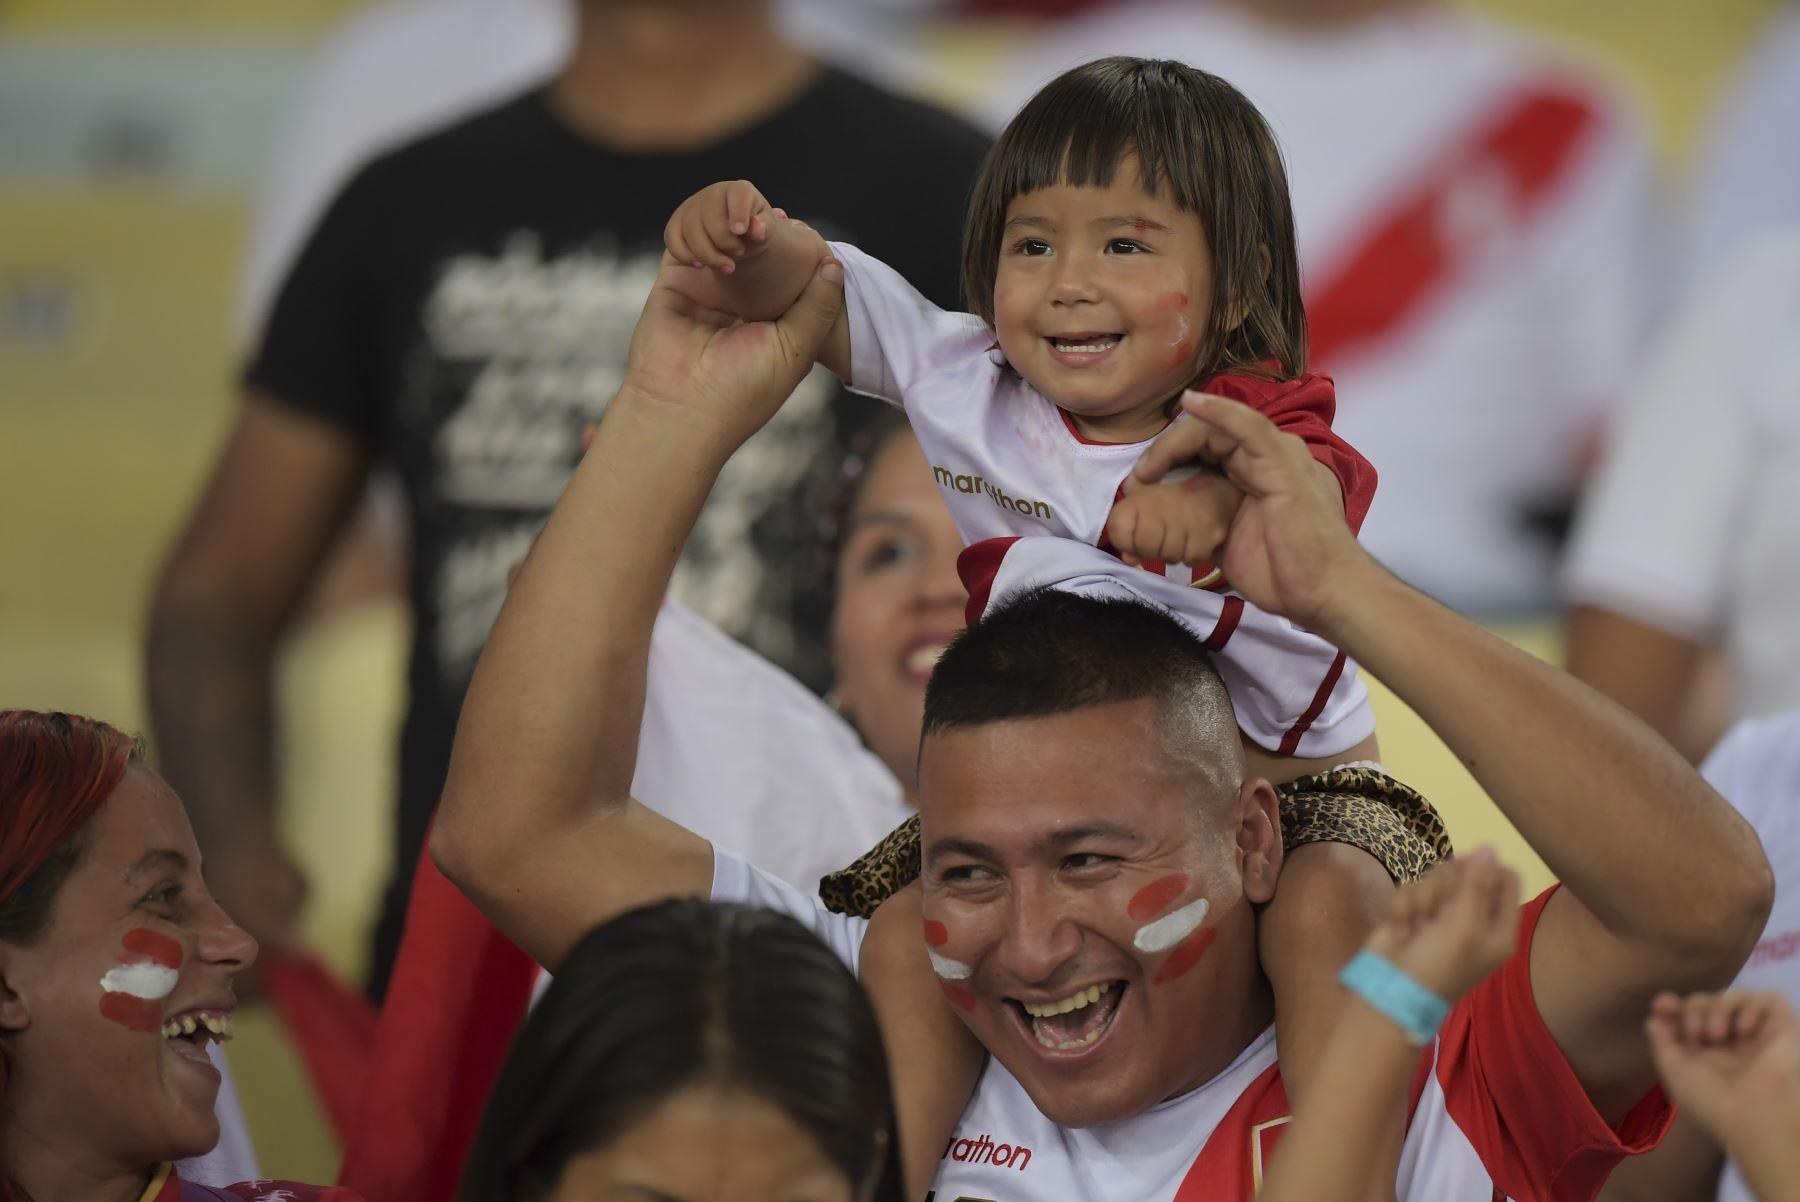 Los fanáticos de Perú aclaman antes del partido del torneo de fútbol de Copa América contra Bolivia en el Estadio Maracaná de Río de Janeiro, Brasil. Foto: AFP